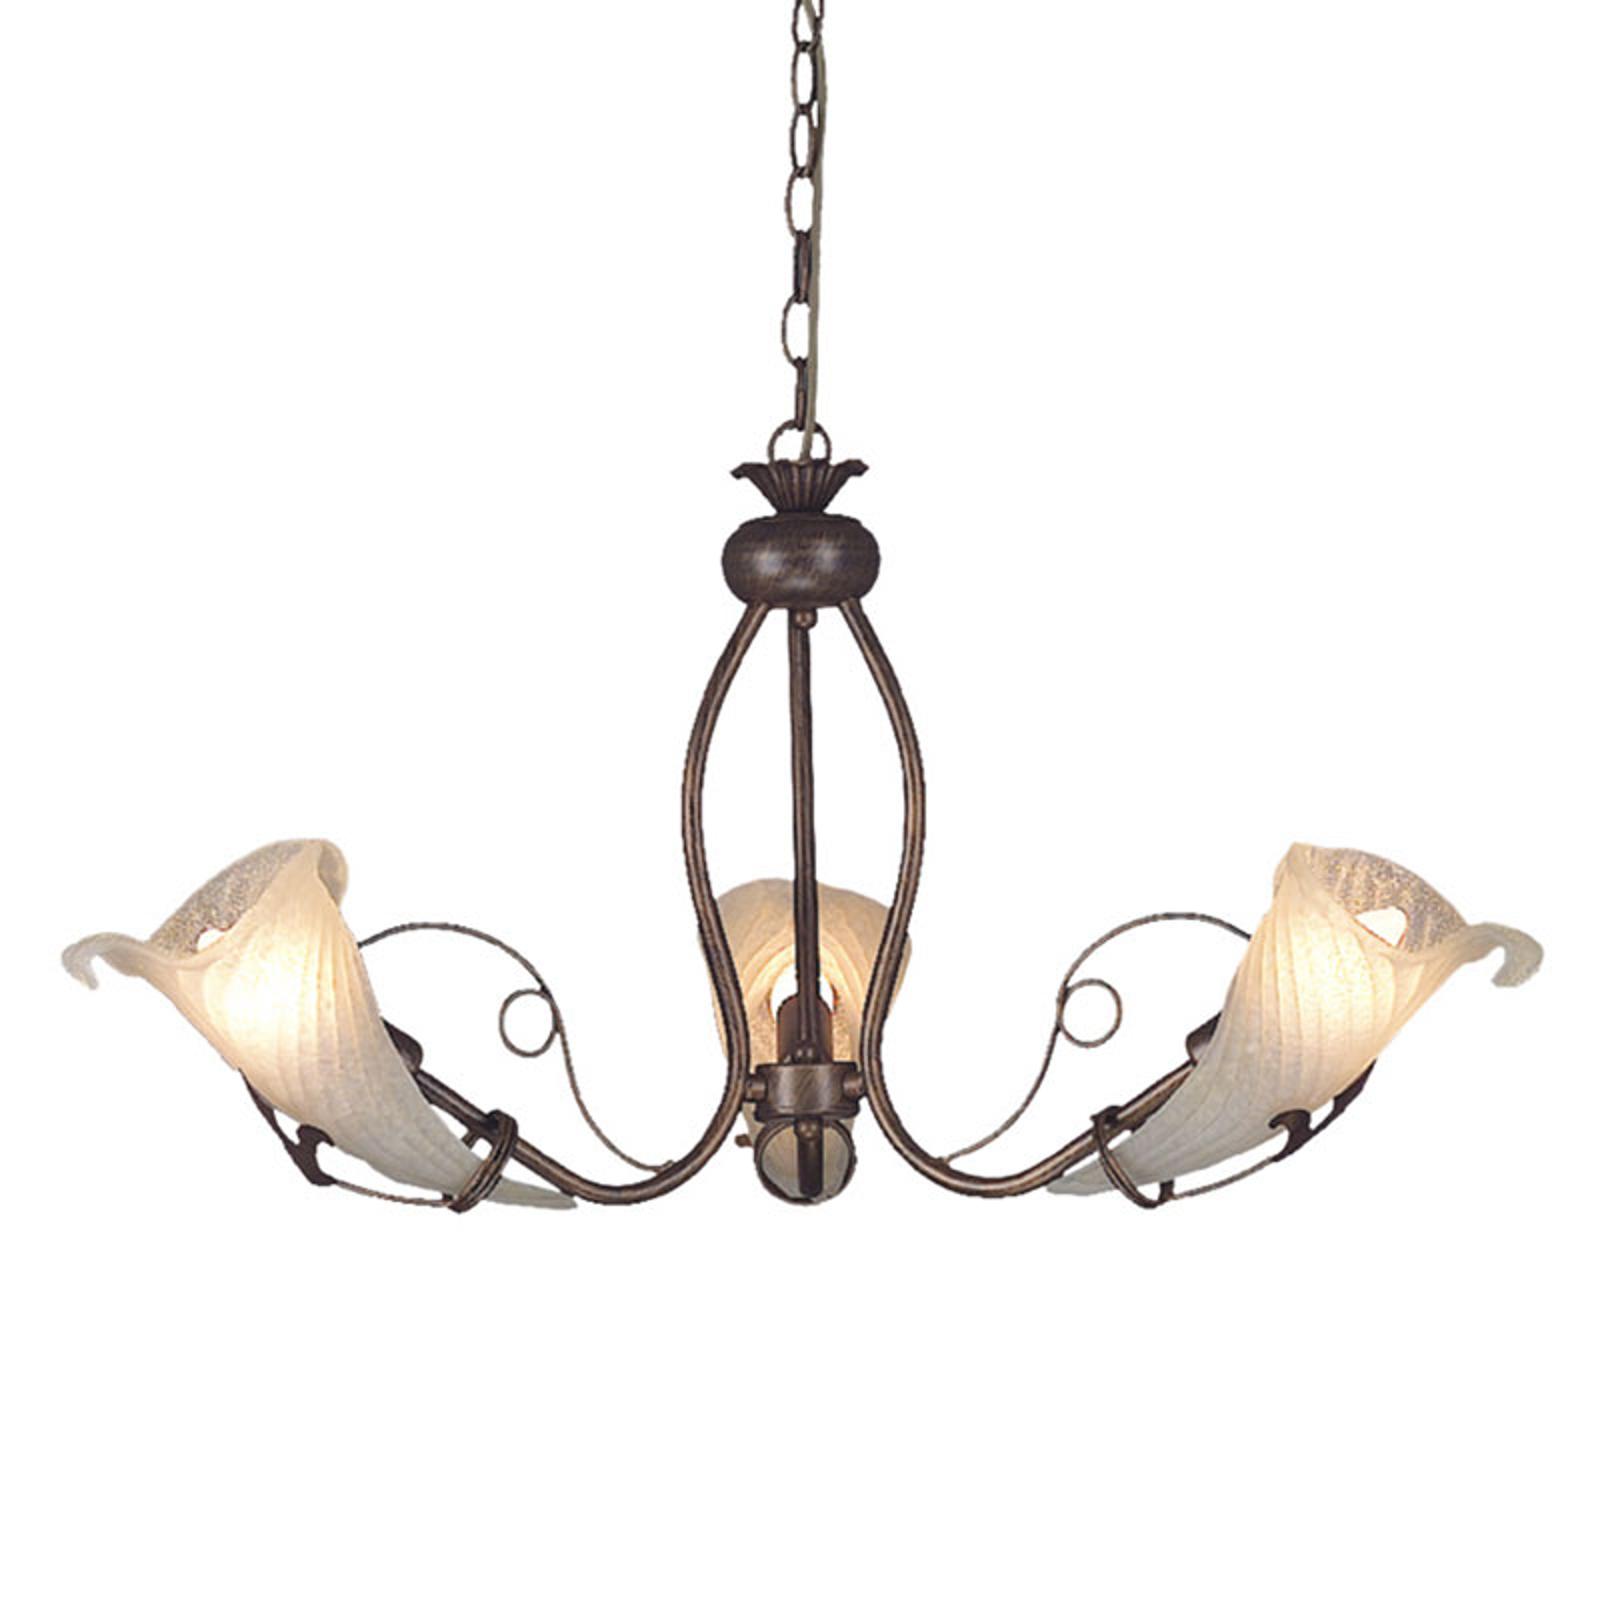 Kaunismuotoinen riippuvalaisin Cros, 3-lamppuinen